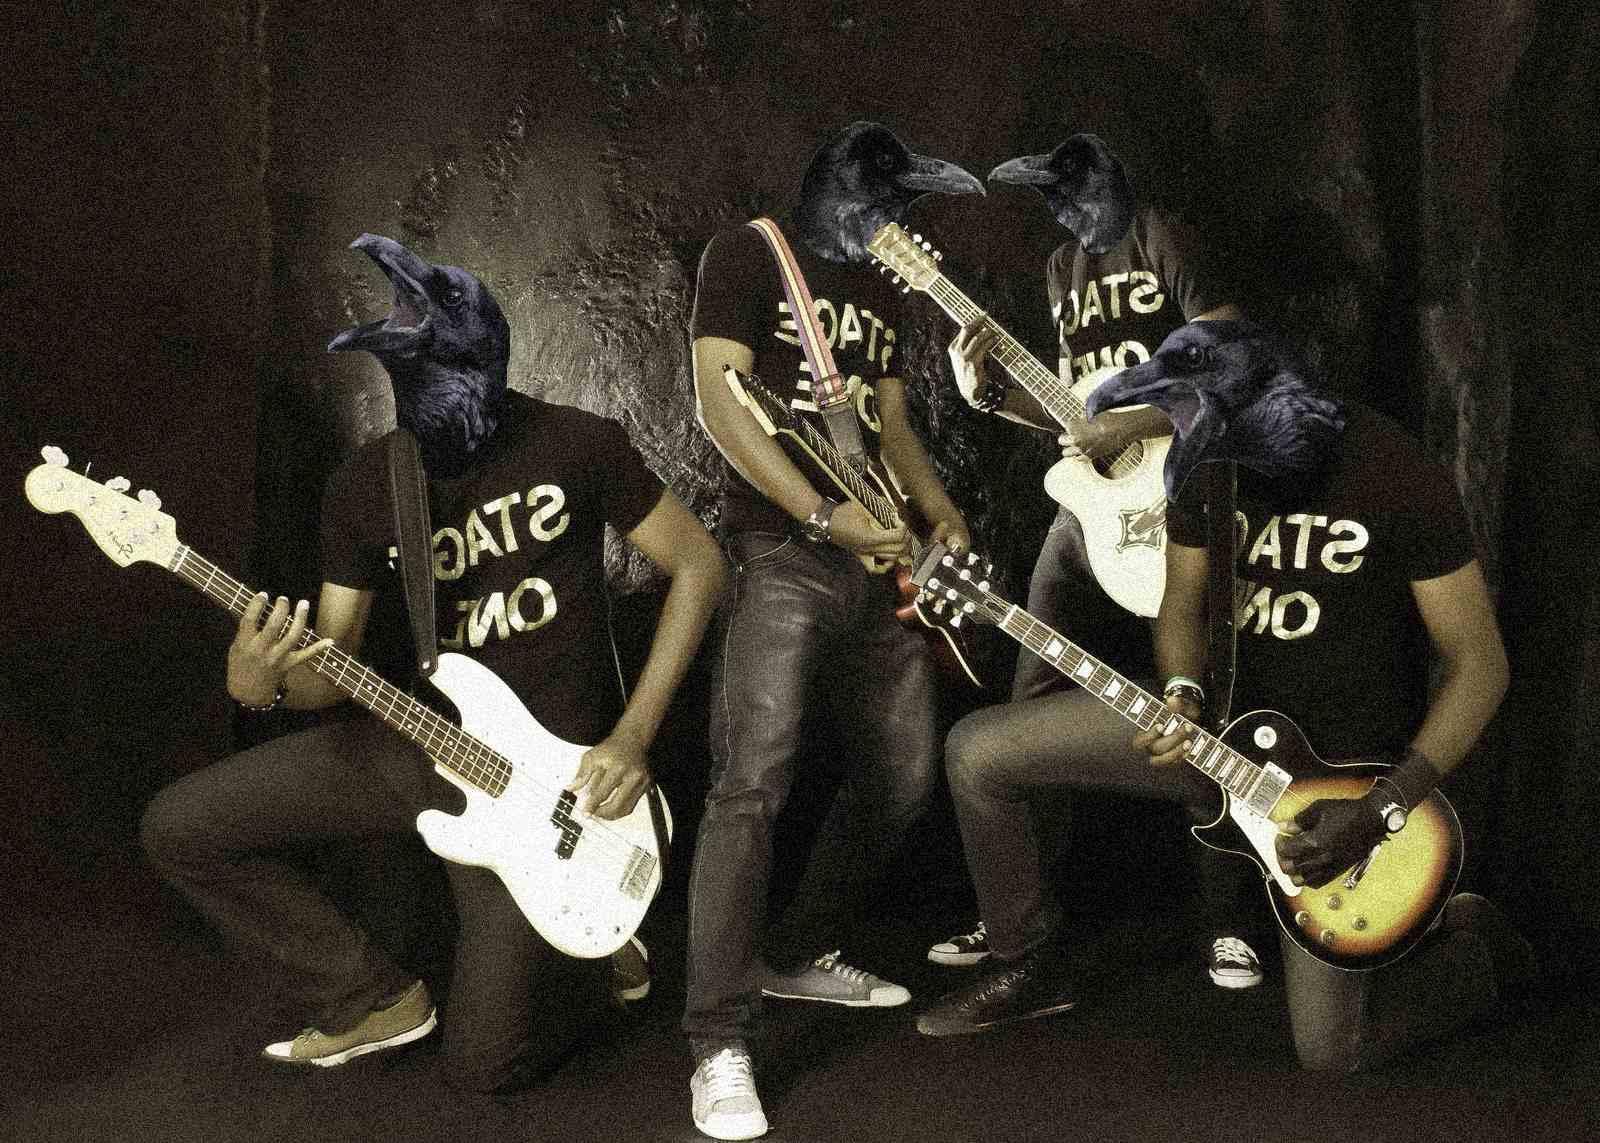 рок группа группа вороны, сон - Слава Украине, вороны, война и пришельцы